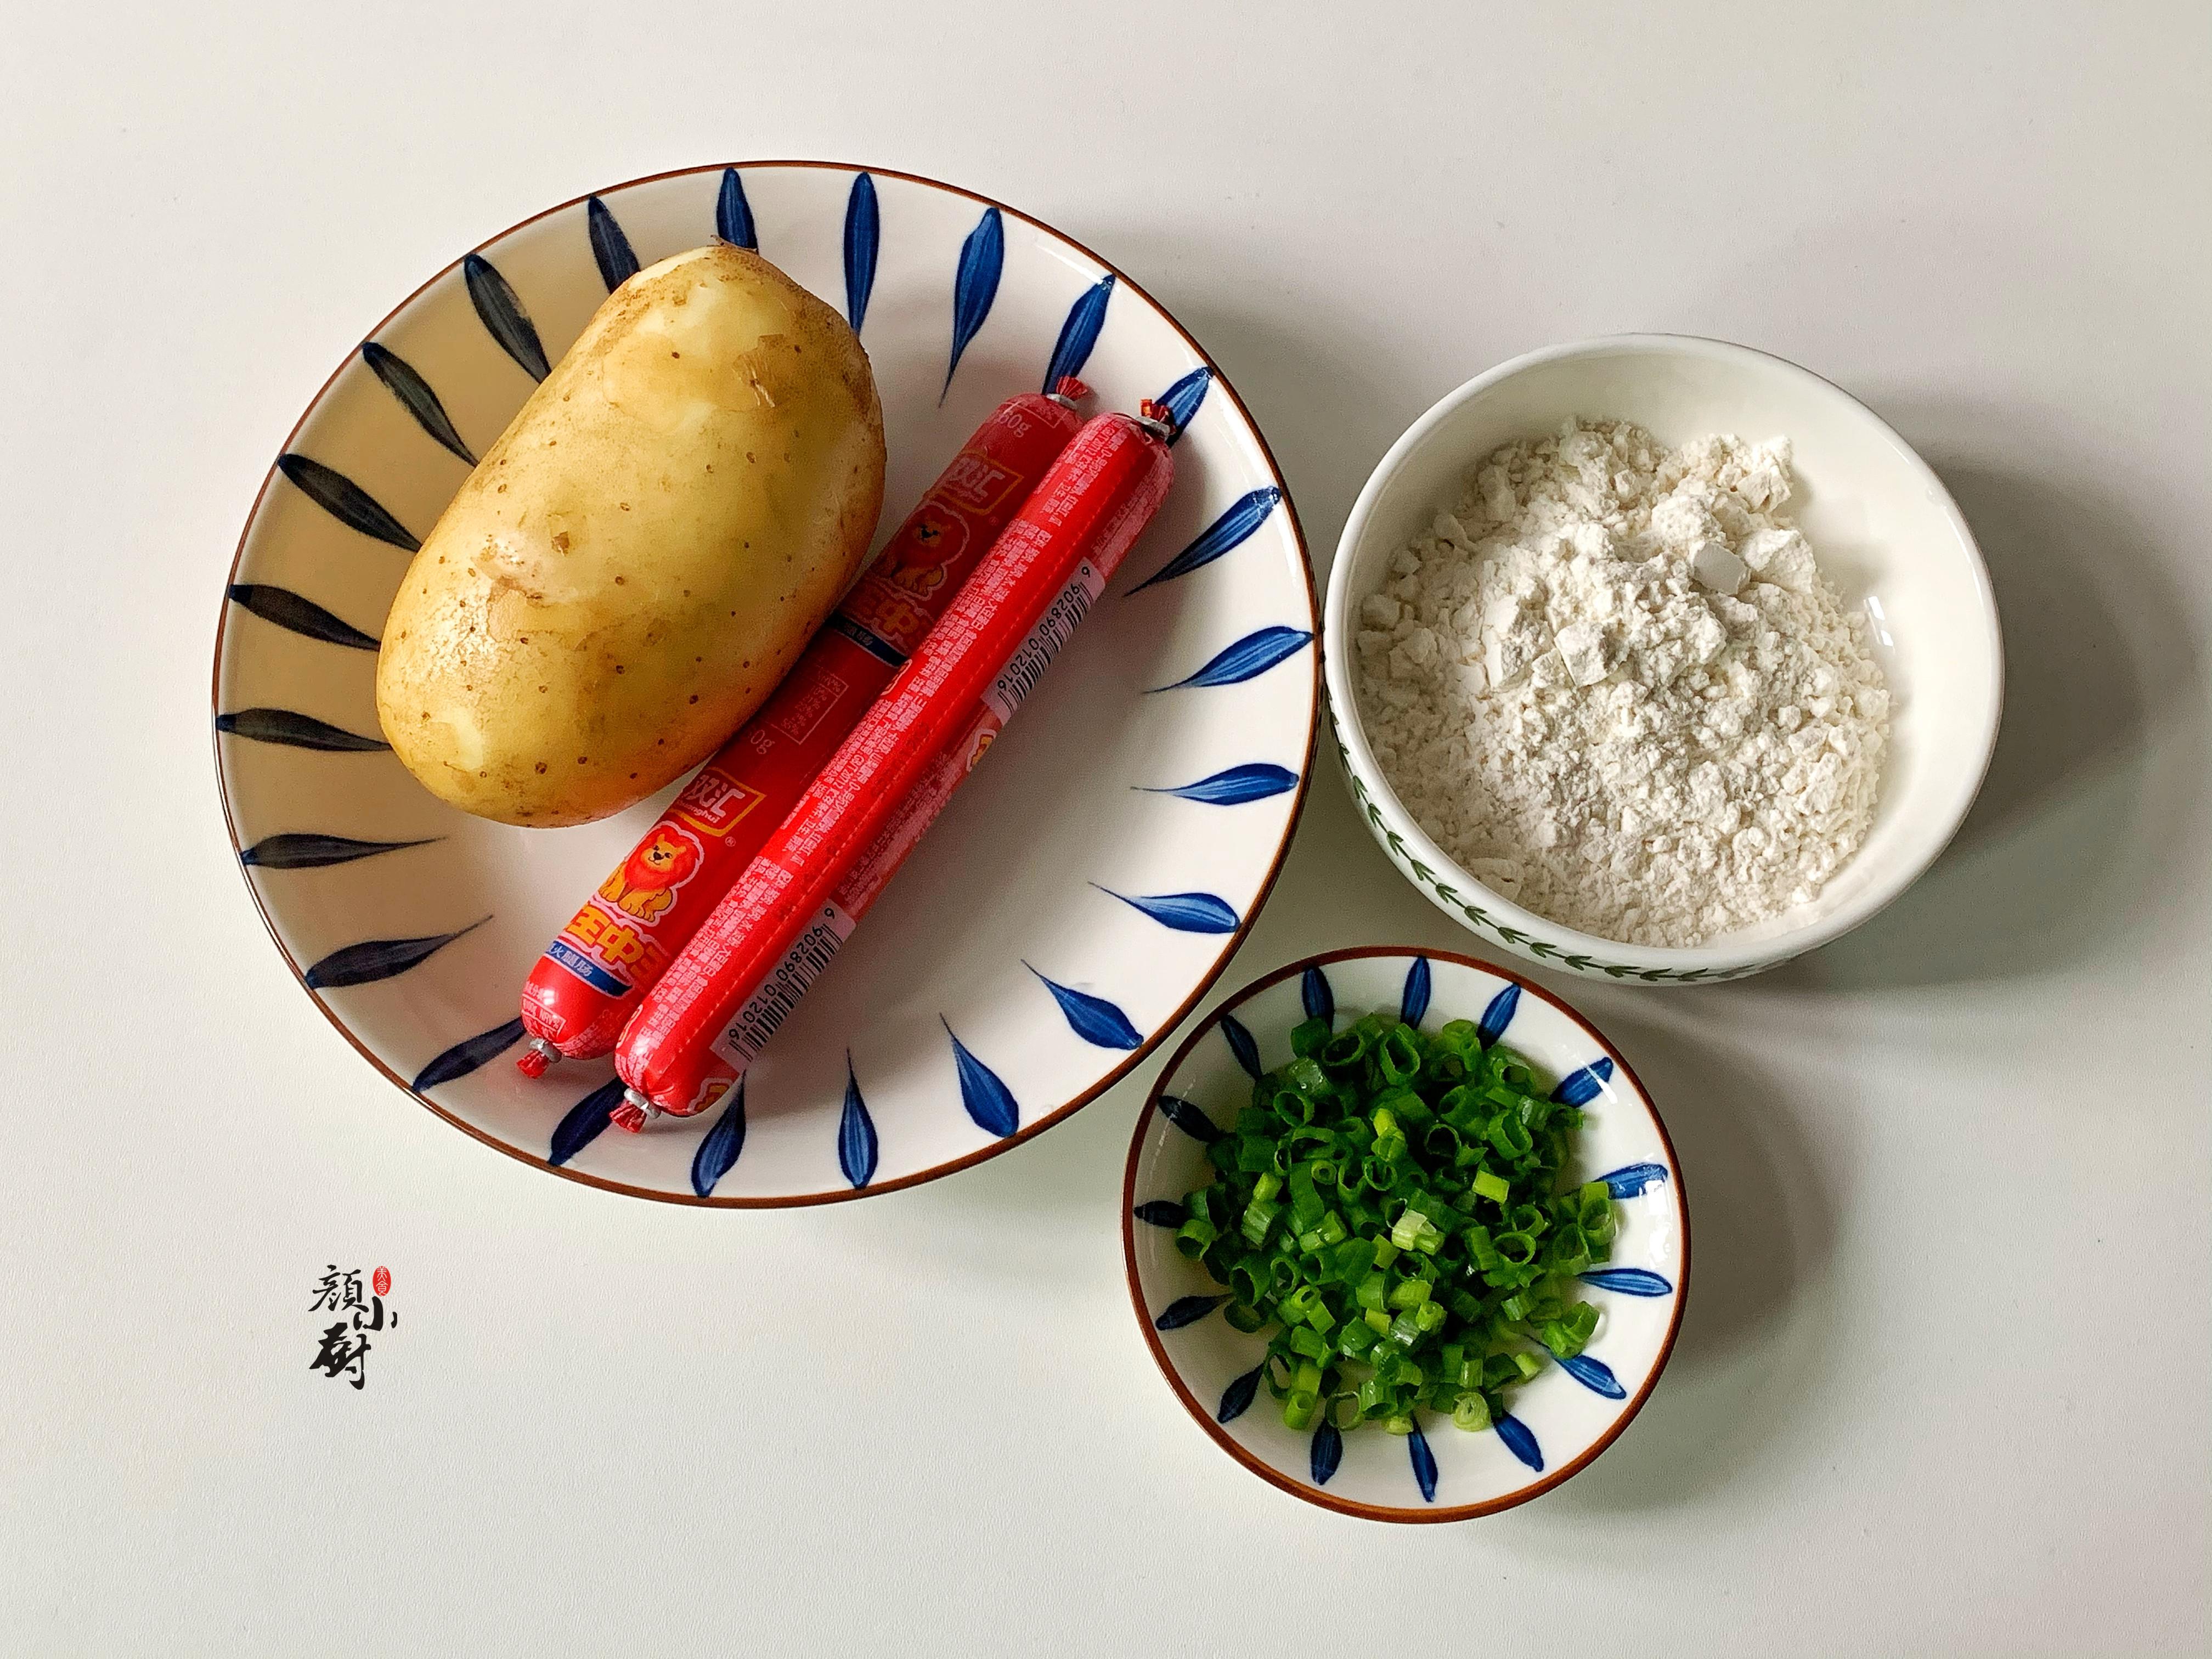 我家土豆從來不炒著吃,簡單一做,金黃香脆,大人小孩都愛吃